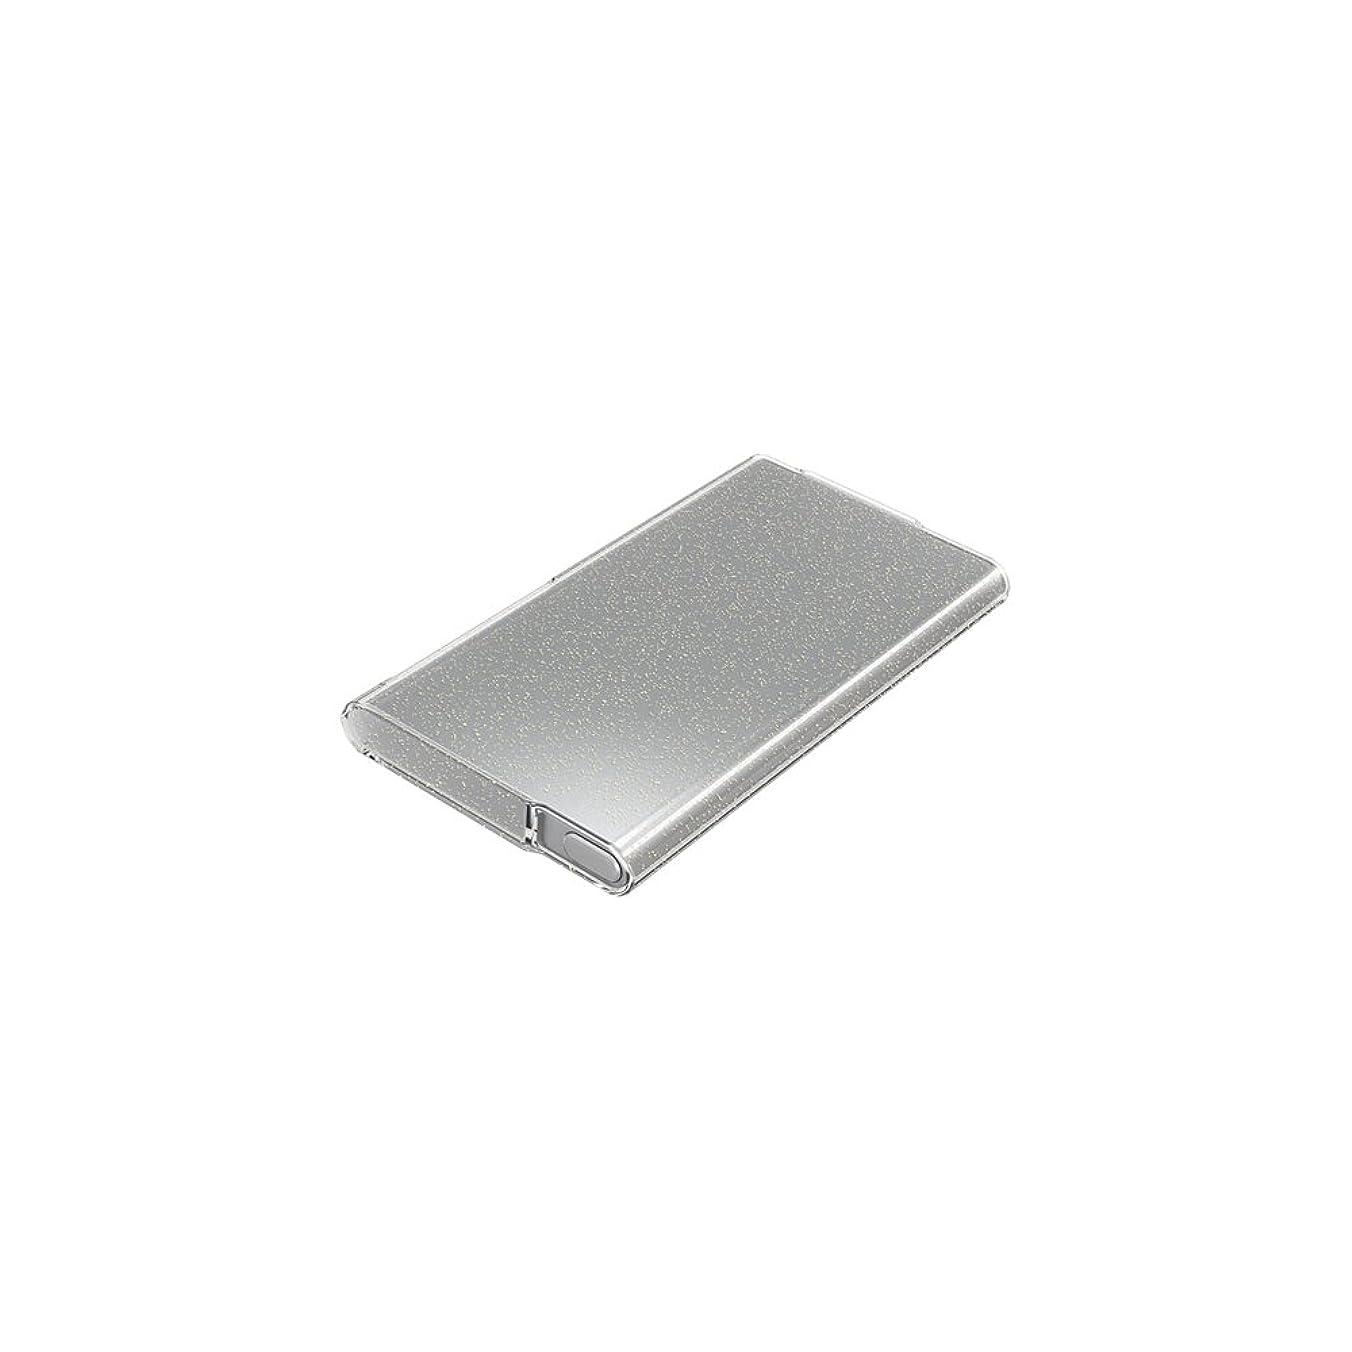 チラチラする成長ダッシュiBUFFALO iPod nano(2012年発表モデル)専用 ラメソフトケース 液晶保護フィルム付 クリア BSIP12NCTLCR